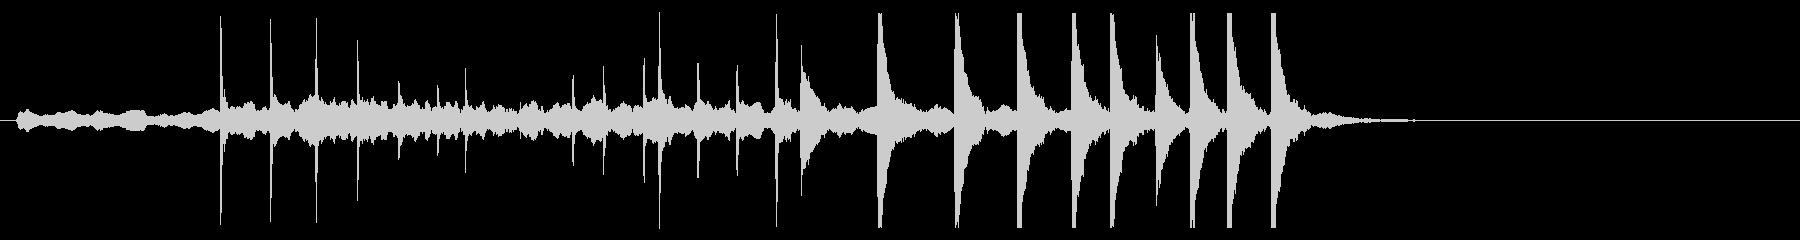 歌舞伎・能◆横笛 小太鼓 残響音の未再生の波形